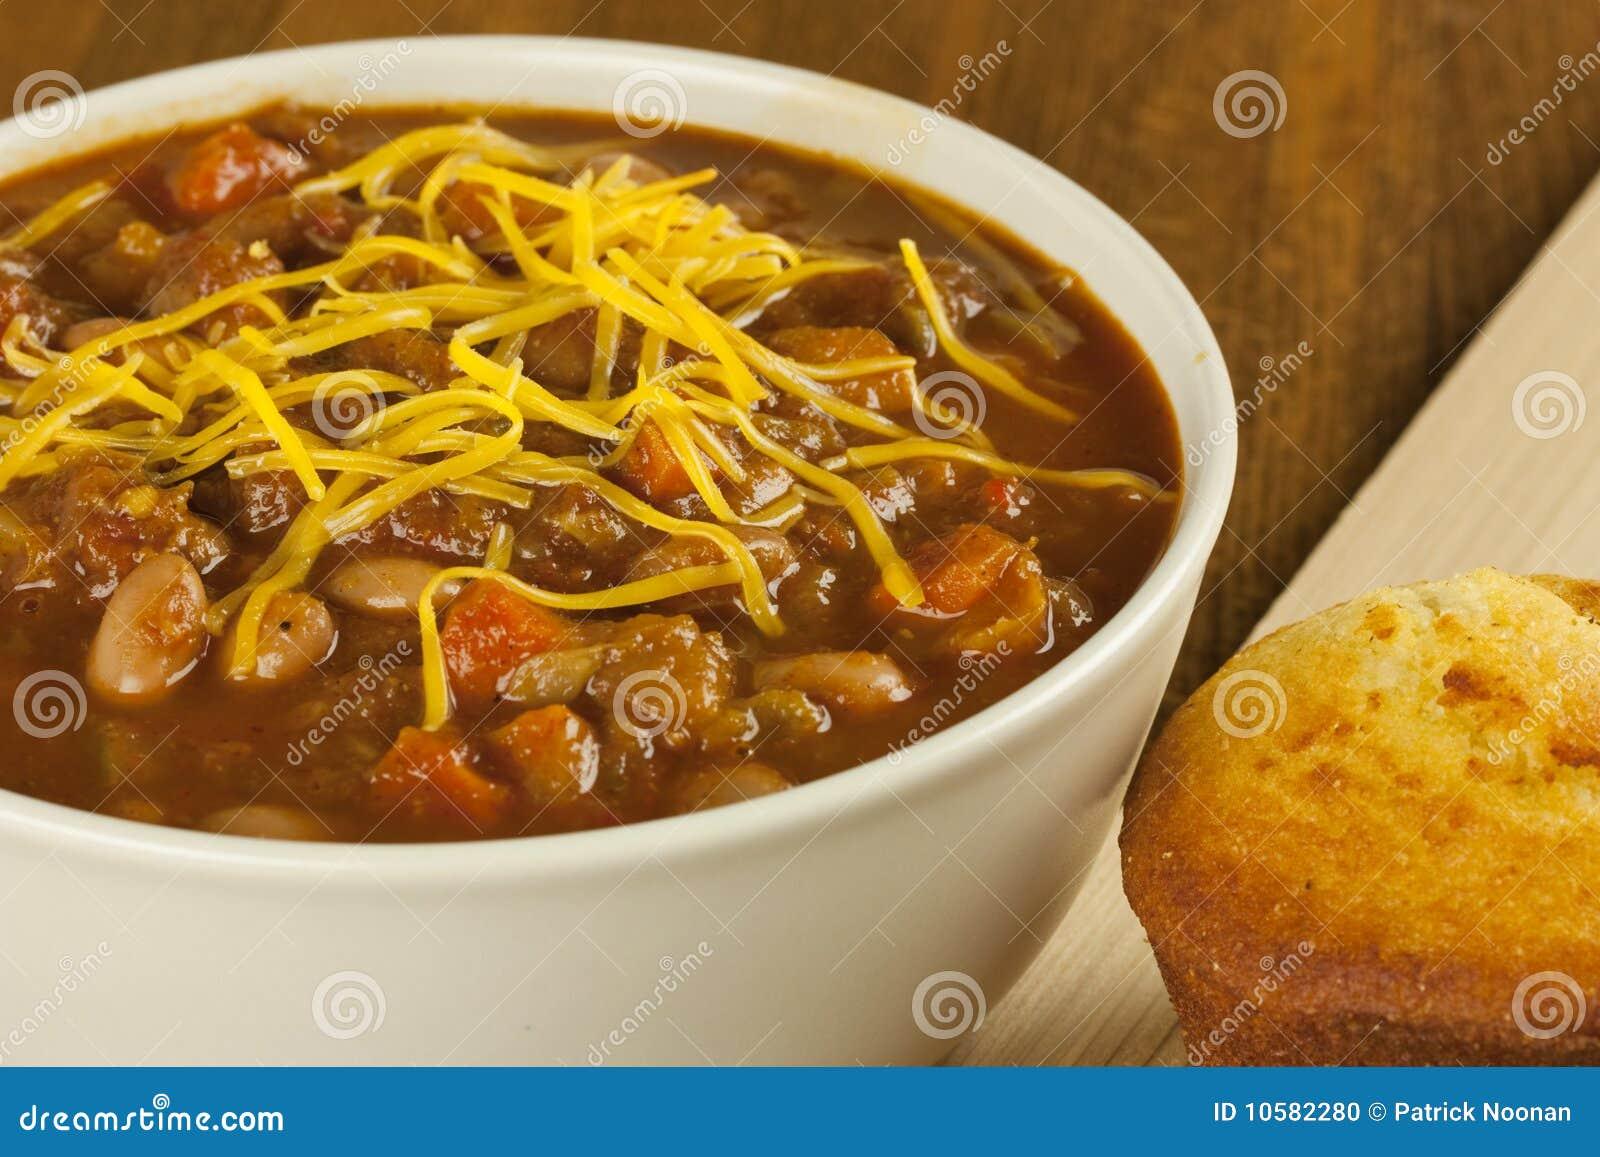 Bowl Of Chili Clip Art Bowl of chili with cornbread